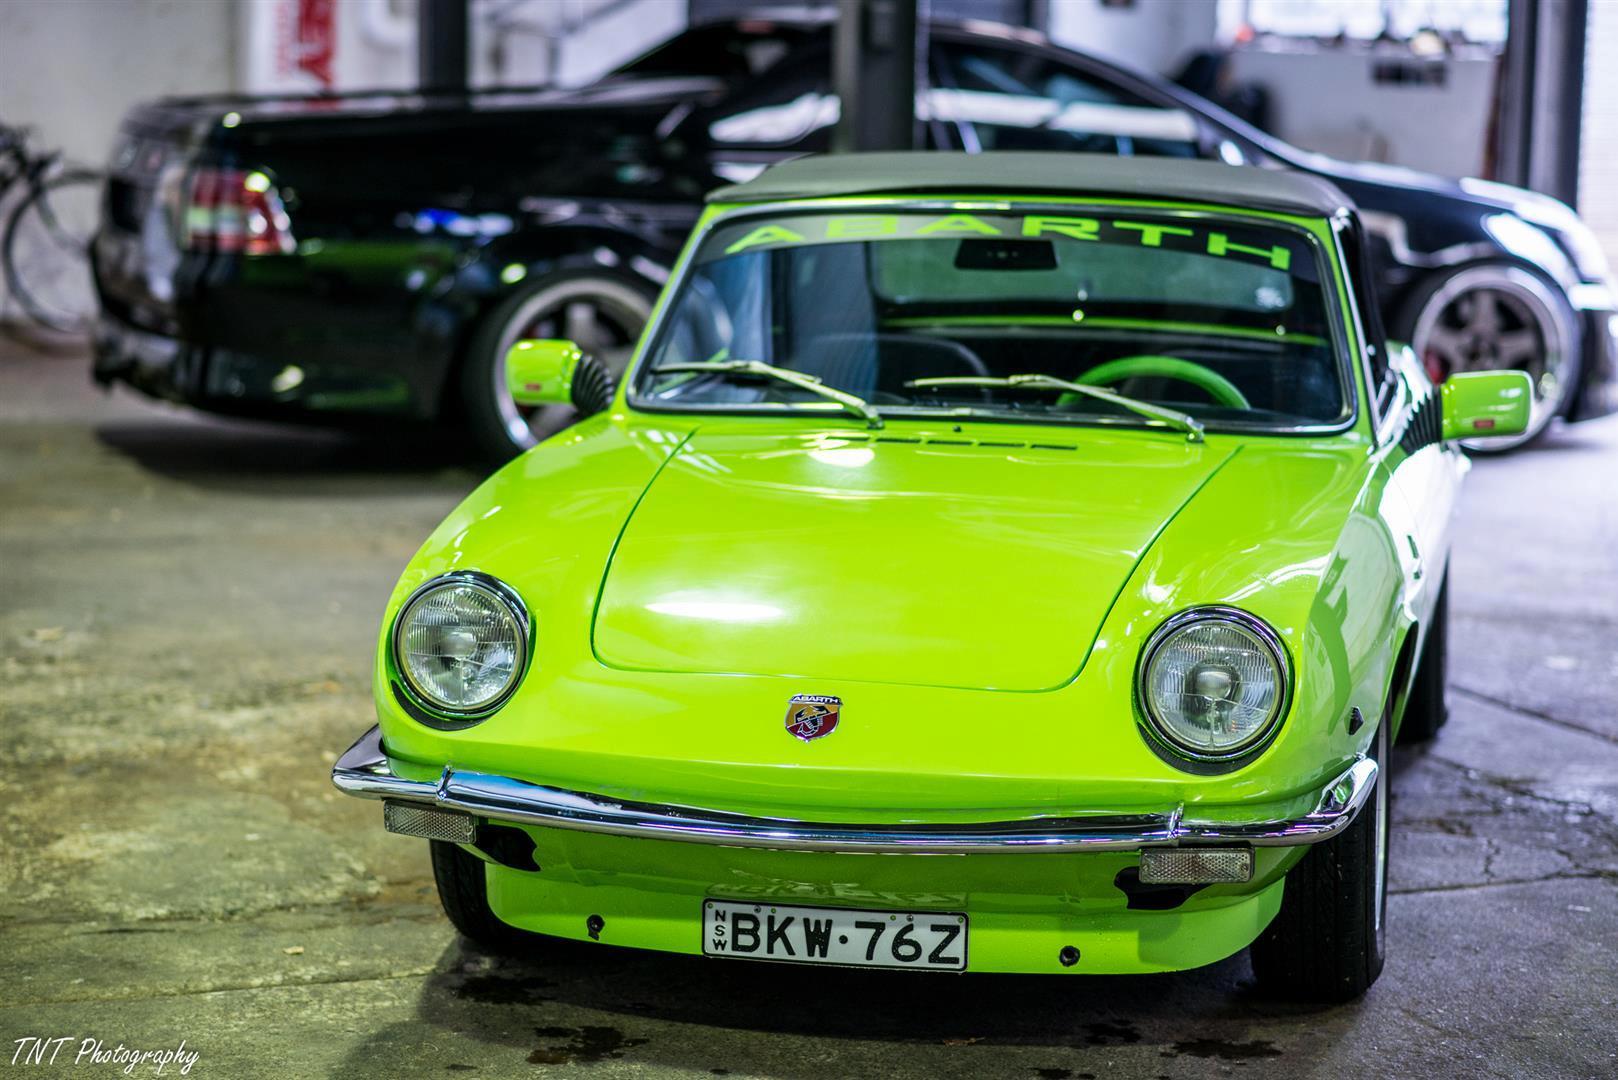 1970 FIAT 850 Spider 'Abarth'